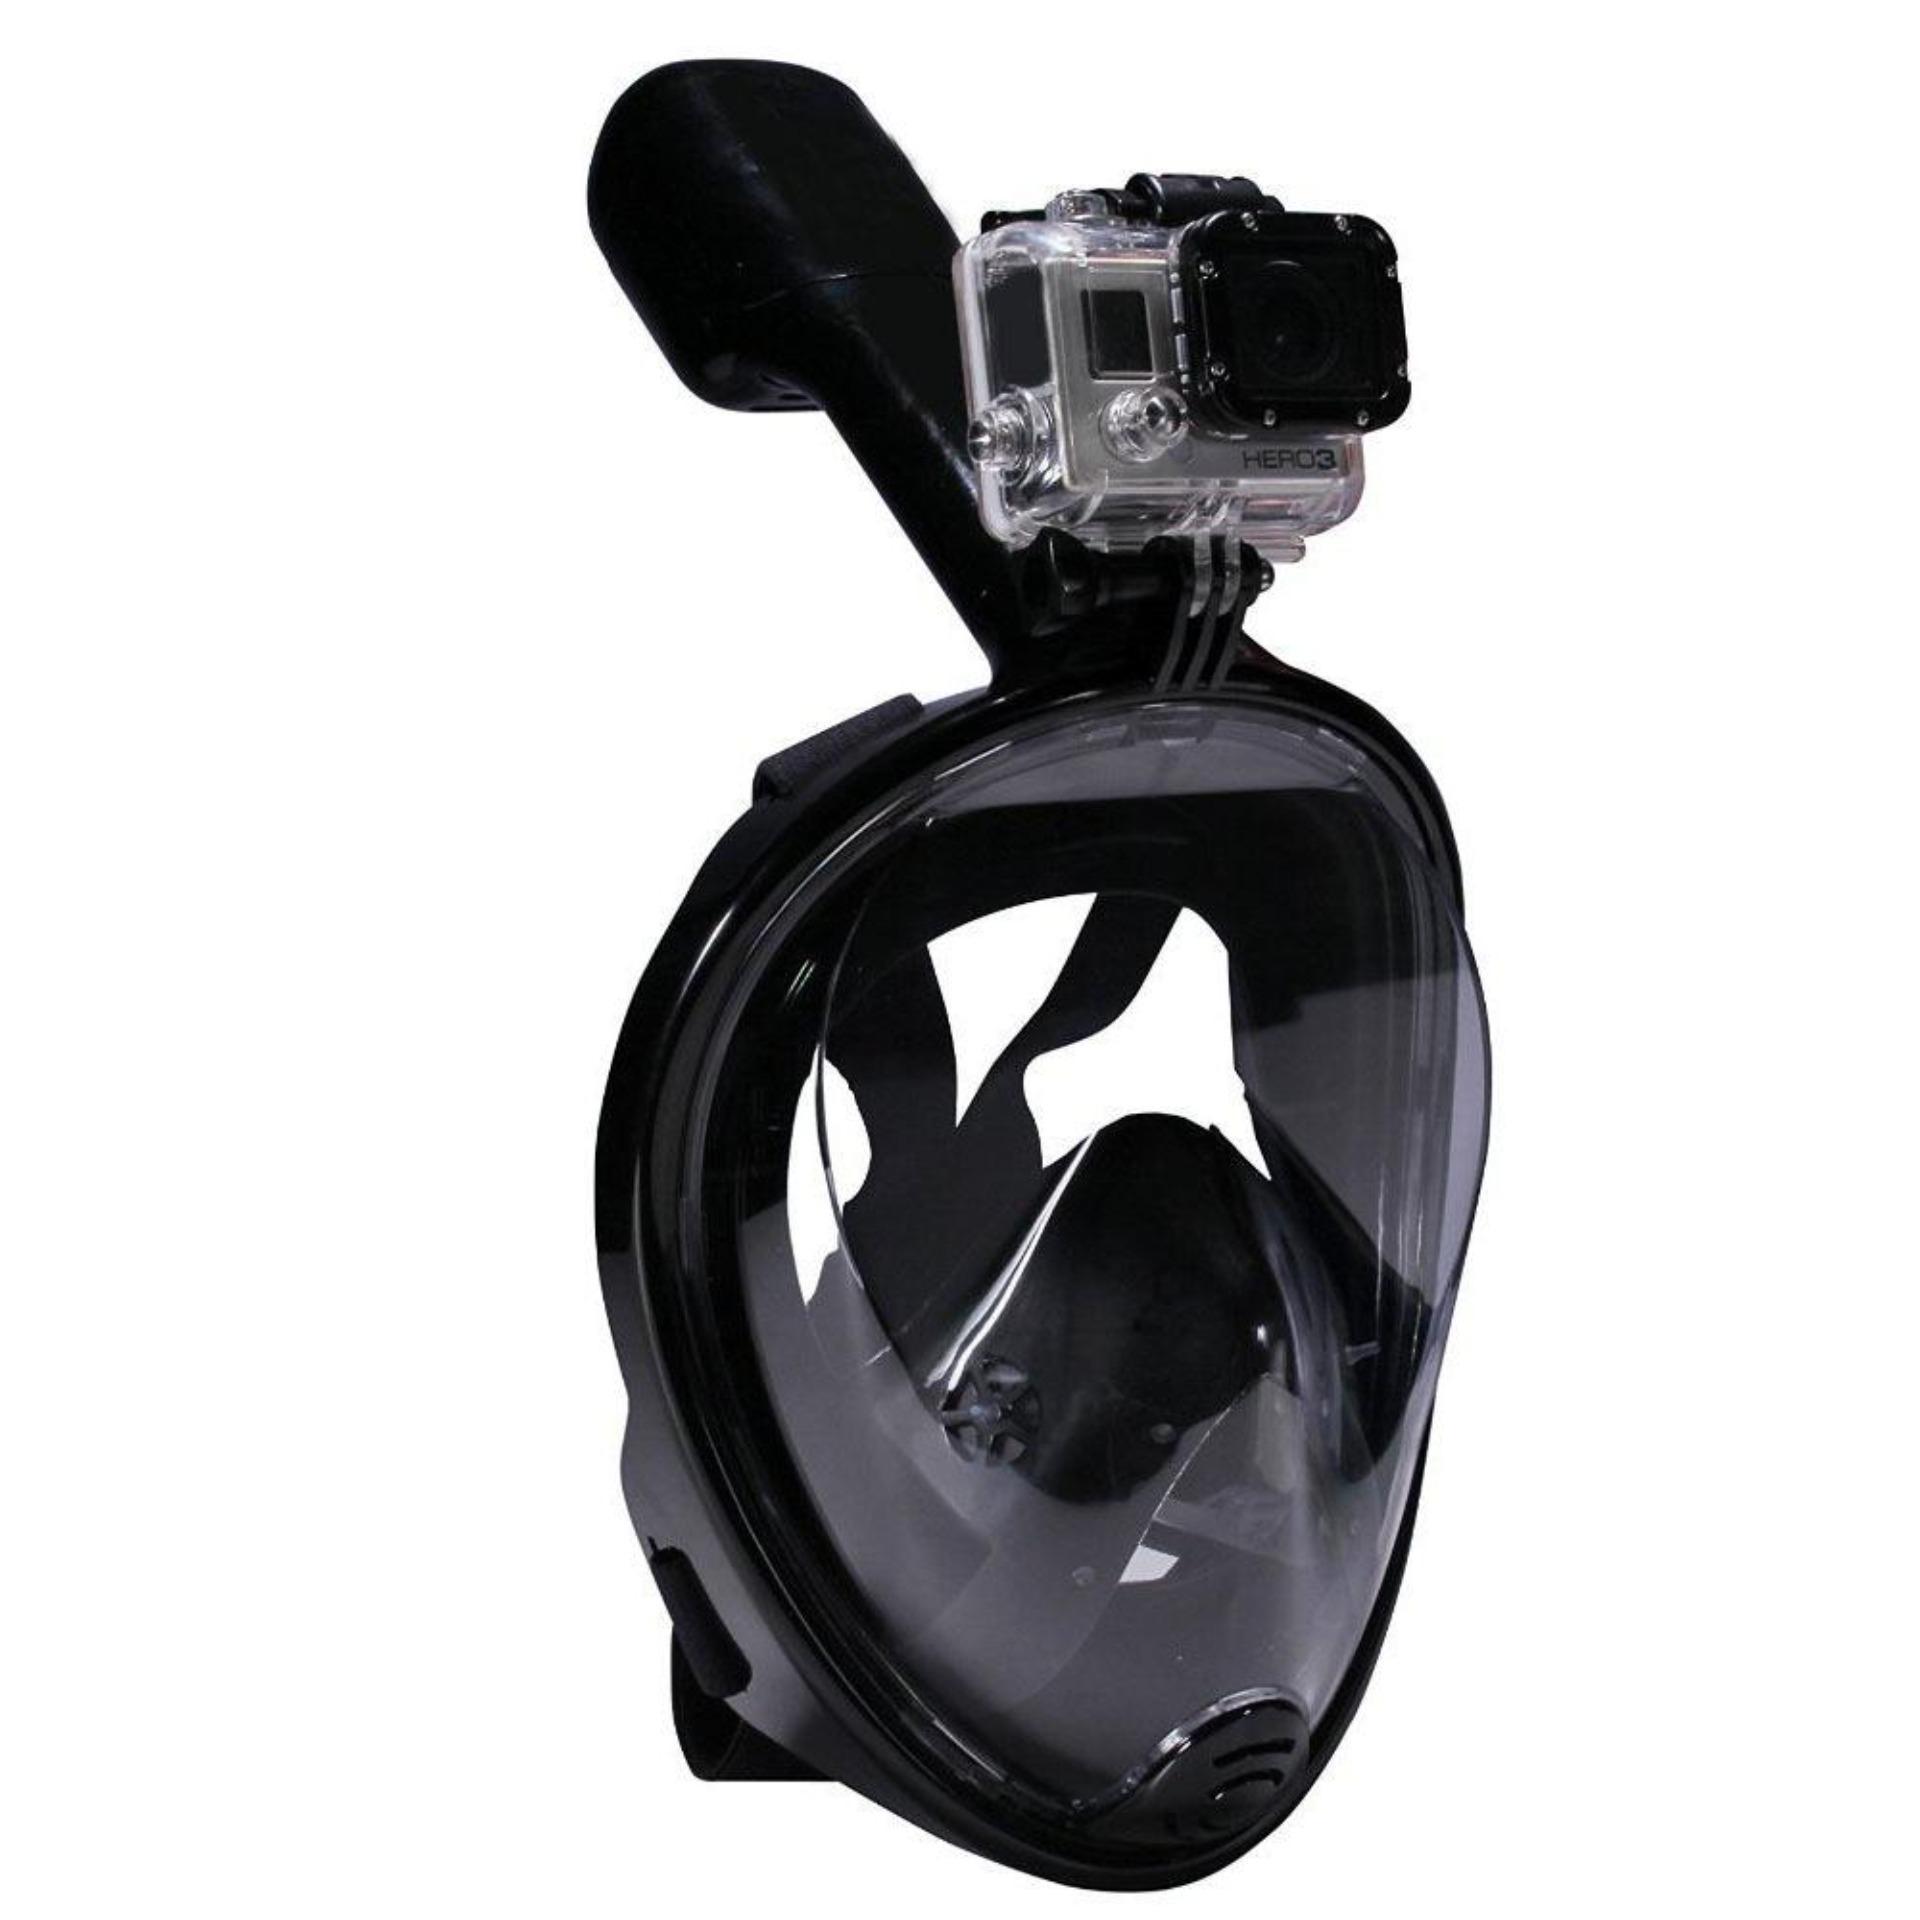 Hình ảnh Mặt nạ lặn Full Face Size L gắn được GOPRO, SJCAM tầm nhìn 180 độ, Ống thở gắn liền ngăn nước POPO Collection